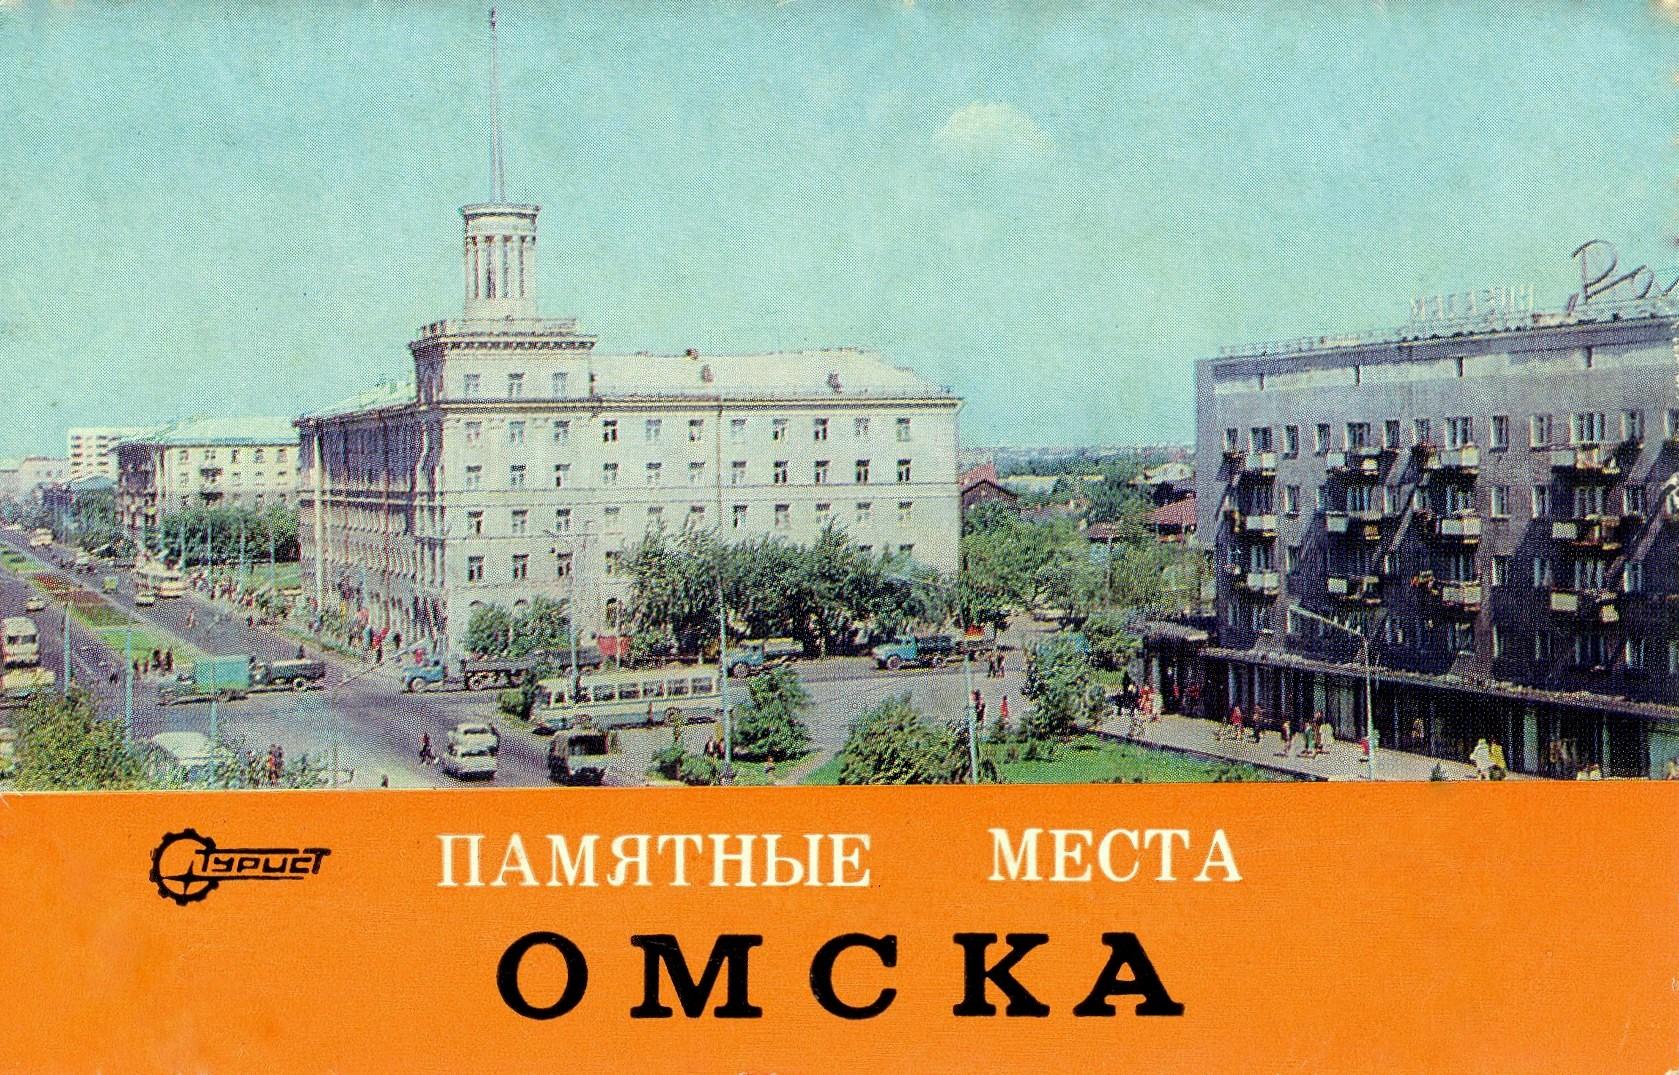 ZAVODFOTO / История городов России в фотографиях: Омск в 1979 году